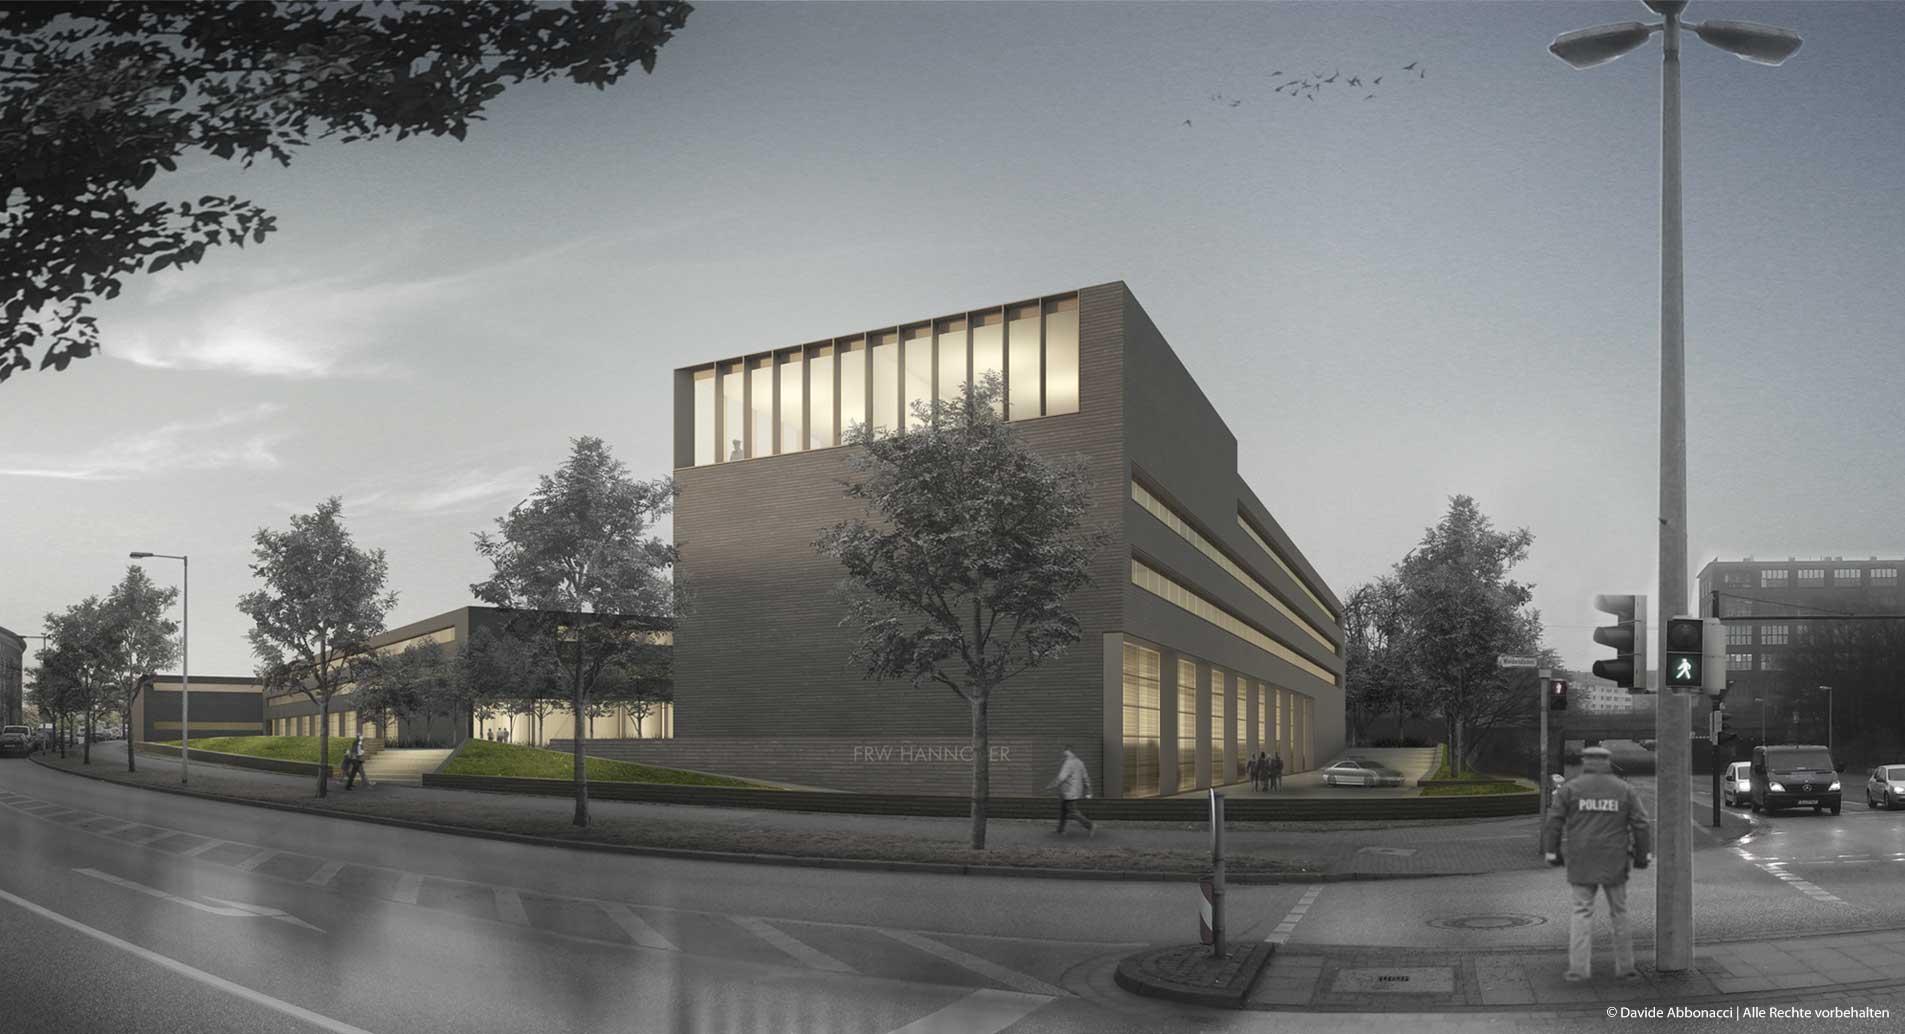 Feuer- und Rettungswache, Hannover | gmp Architekten von Gerkan, Marg und Partner | 2012 Wettbewerbsvisualisierung | 2. Preis